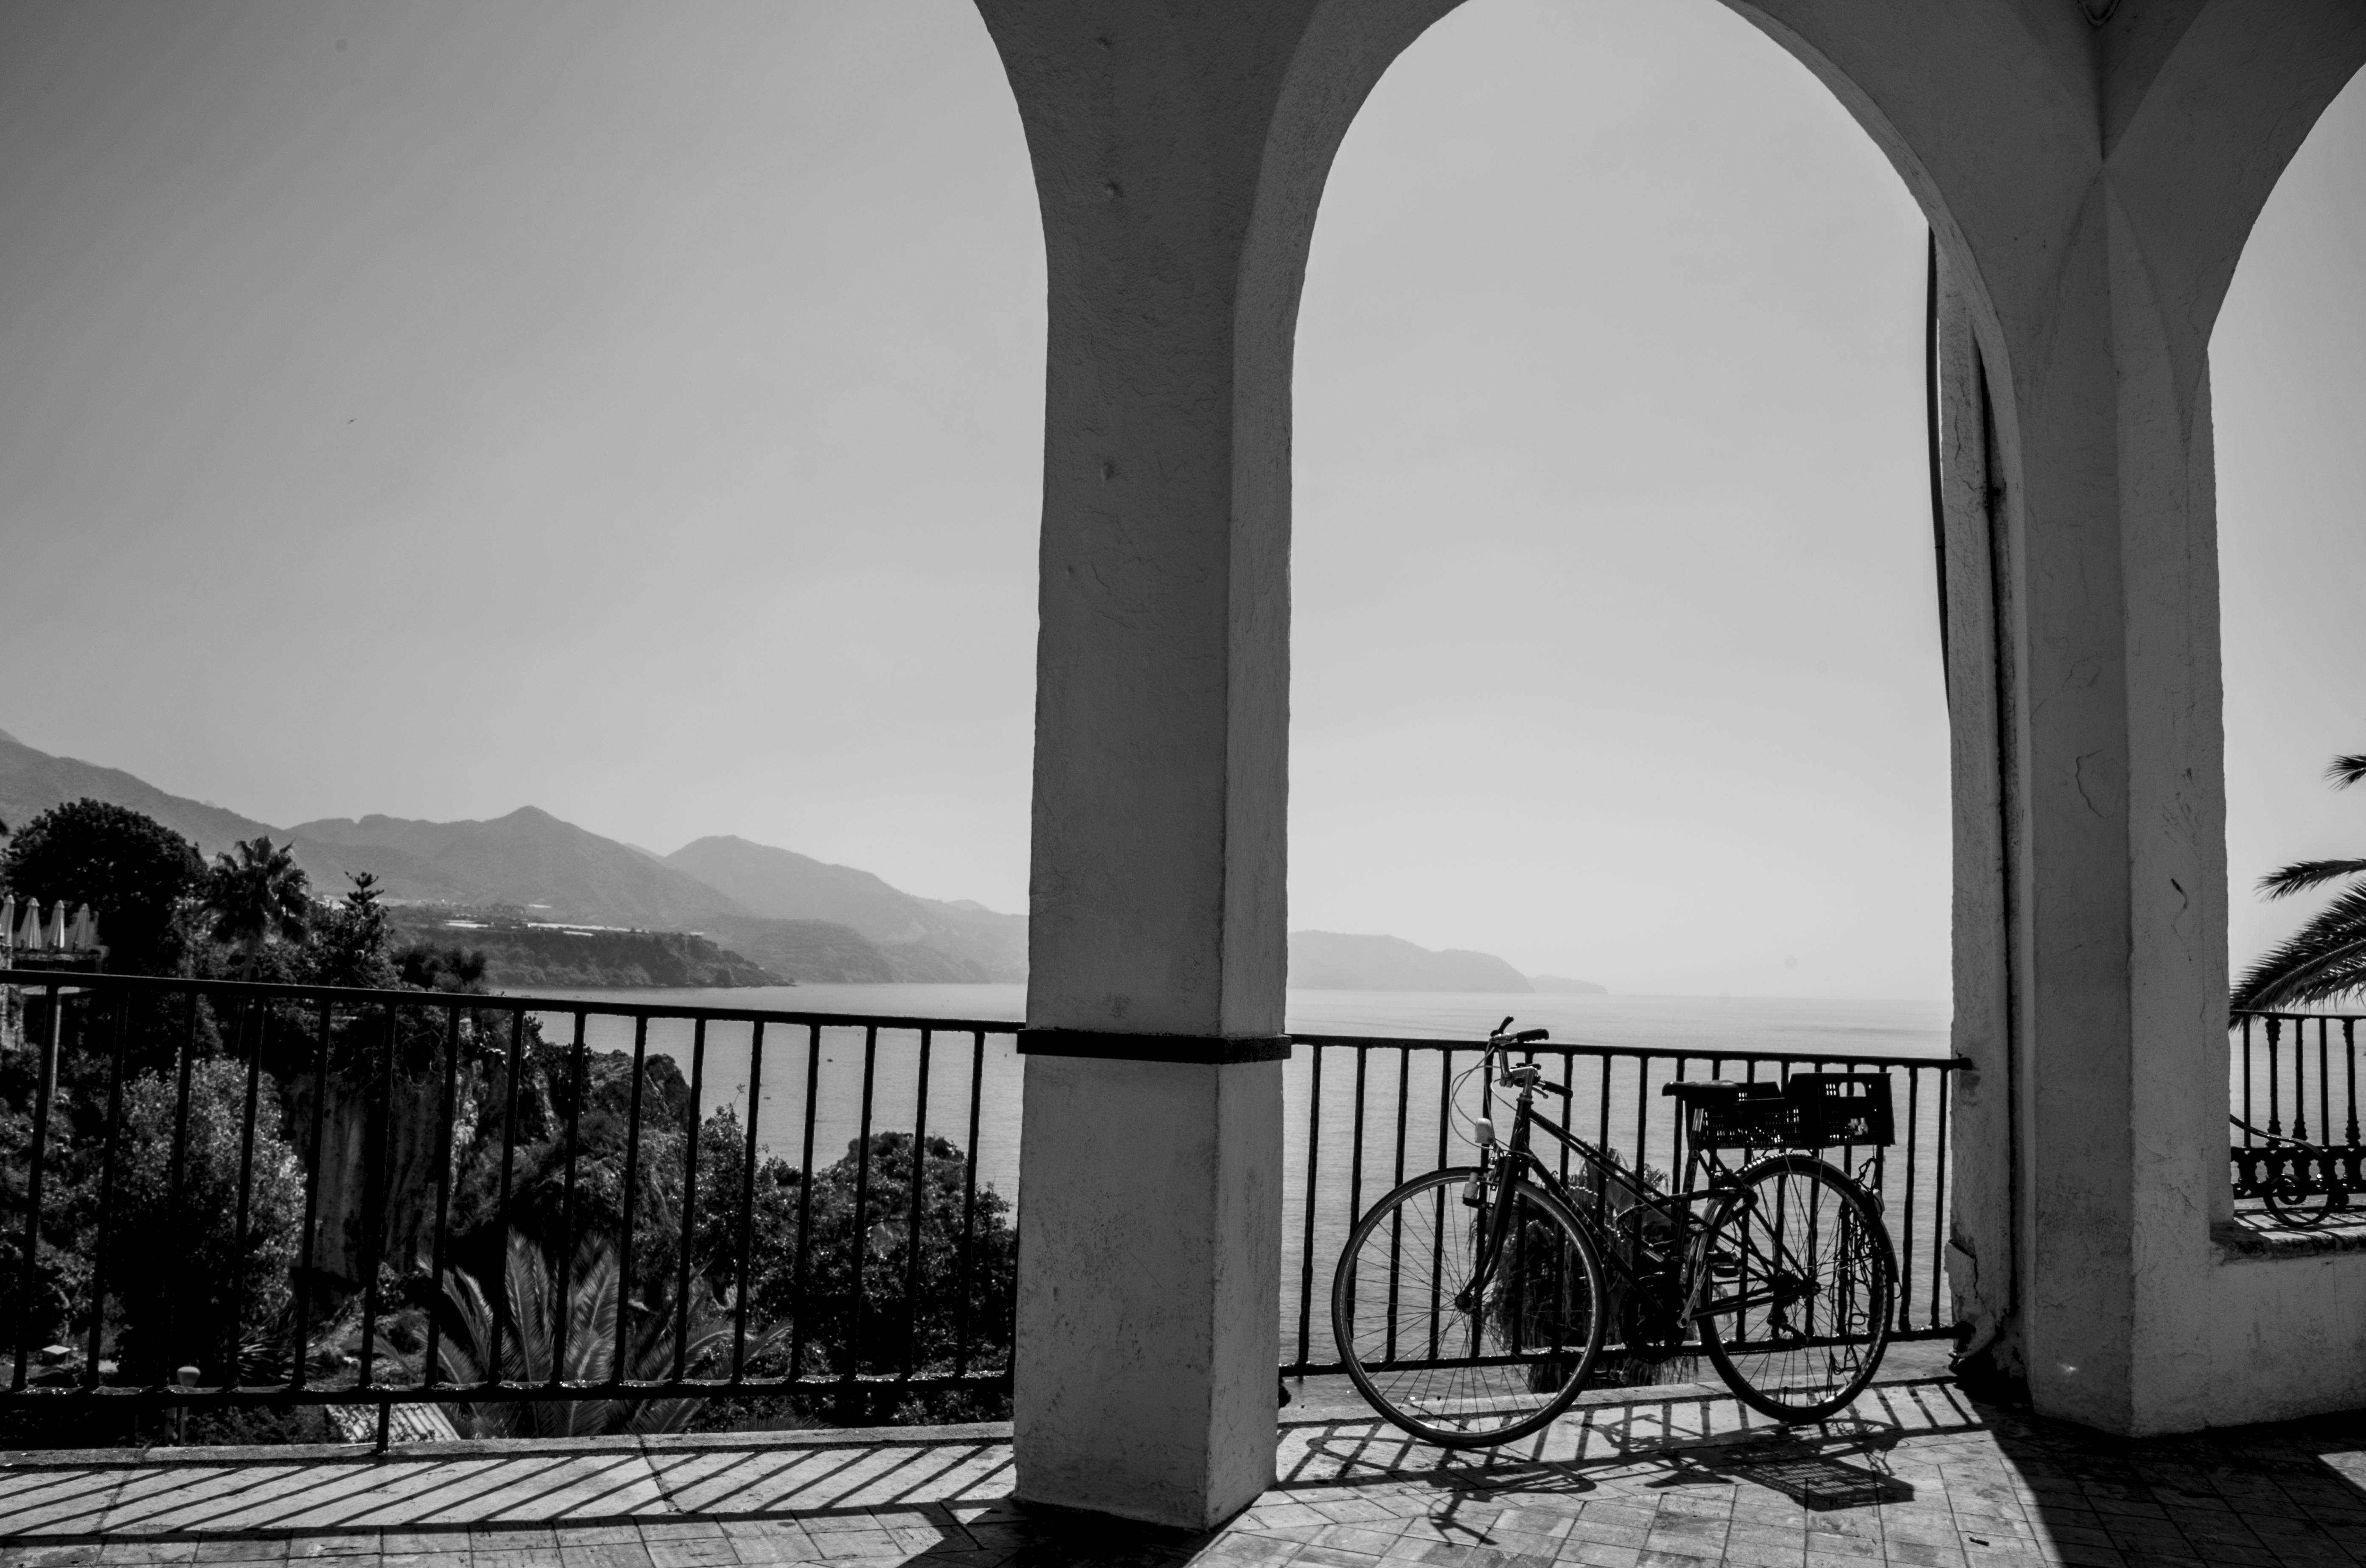 hình ảnh : đen và trắng, Kiến trúc, kết cấu, nhiếp ảnh, Retro, Xe đạp, cột, Mốc, Đơn sắc, Vòm, Đối xứng, Hình dạng, Nerja, Nhiếp ảnh đơn sắc, Balc n de ...